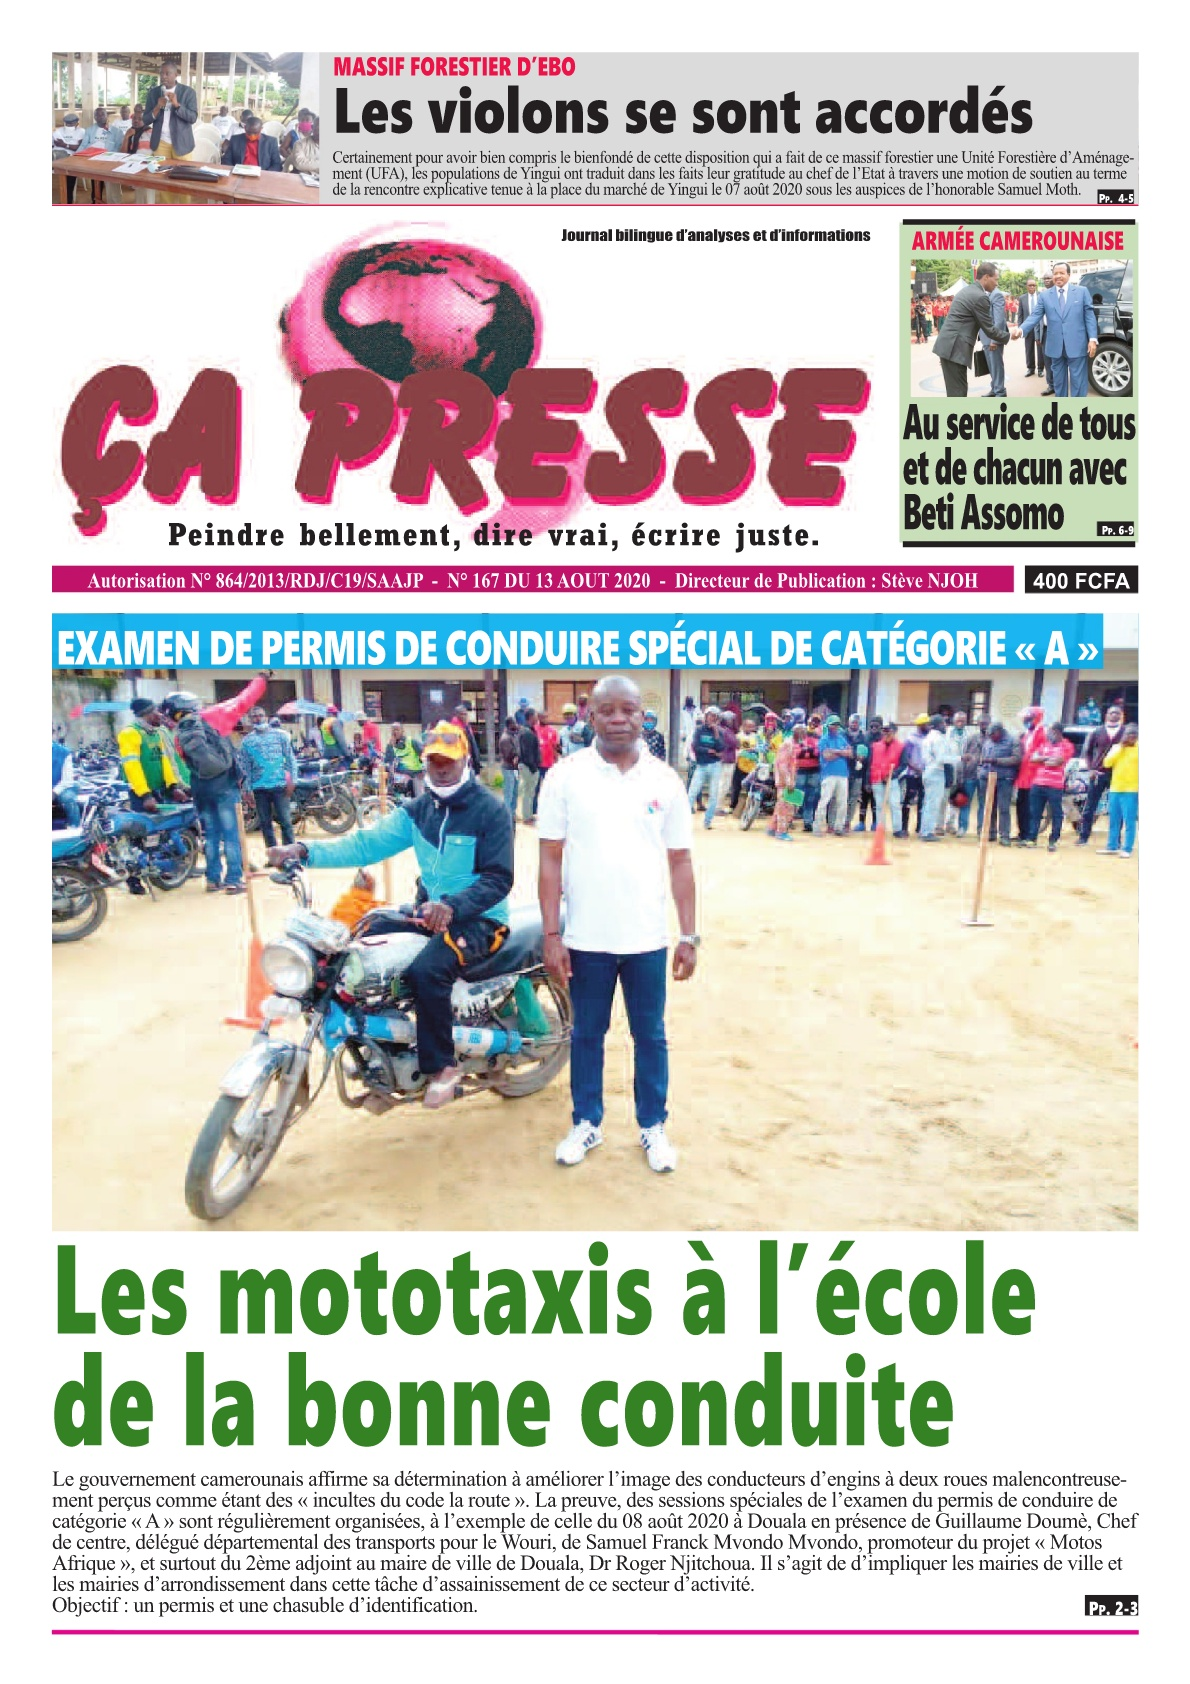 ÇA PRESSE - 03/09/2020